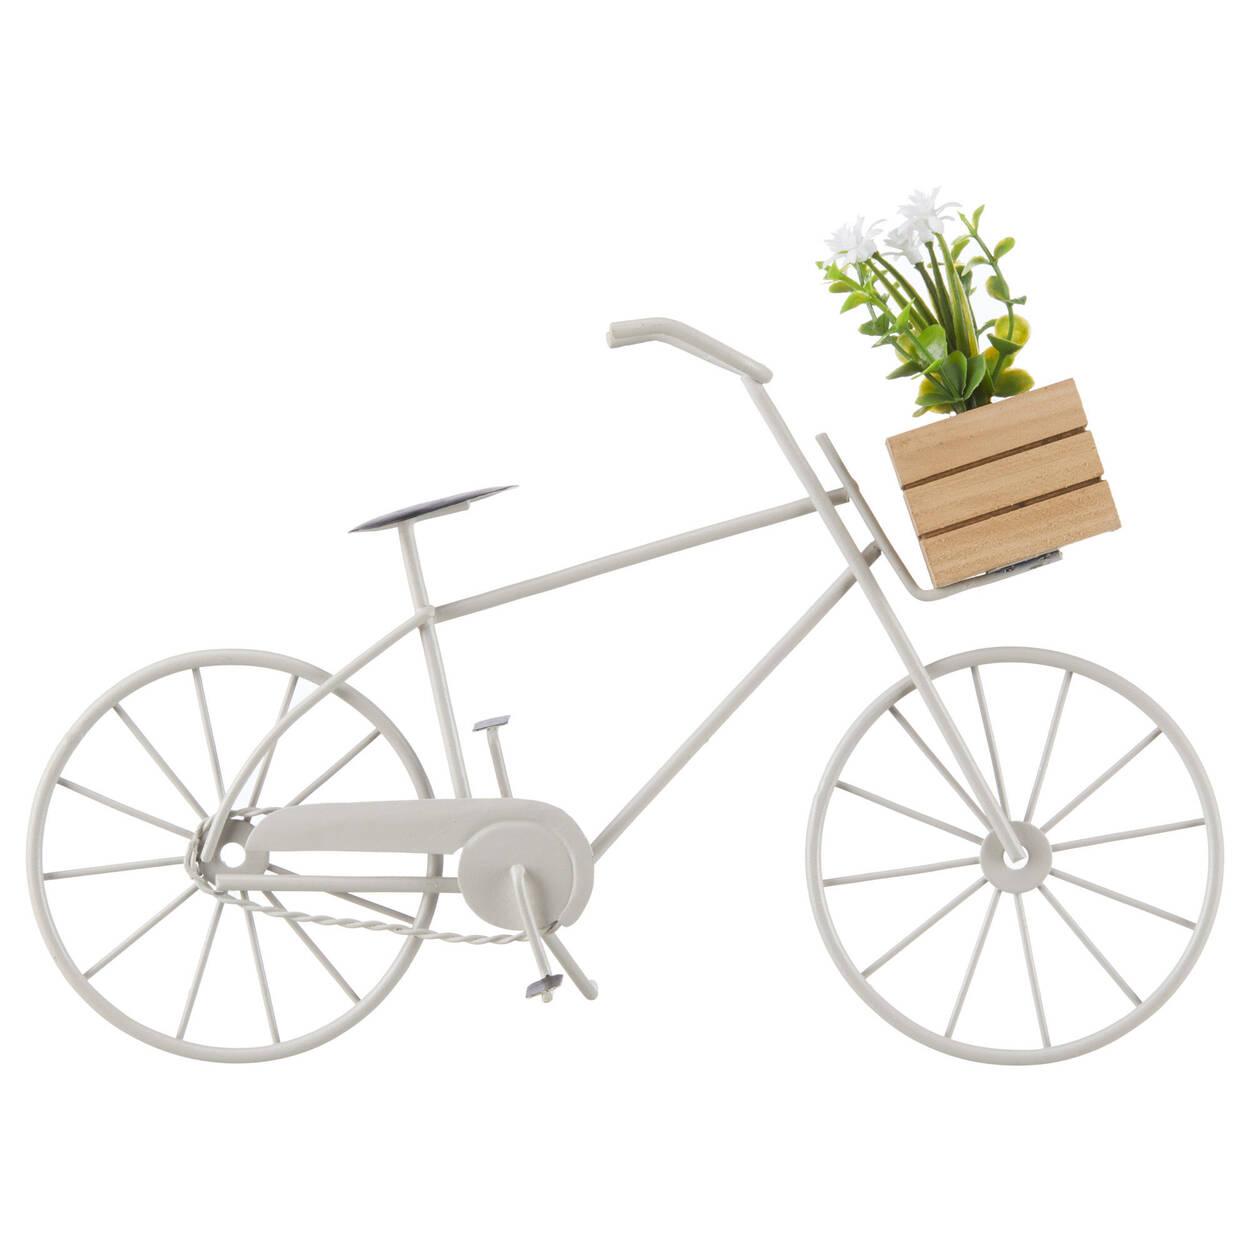 Bicyclette décorative en métal gris